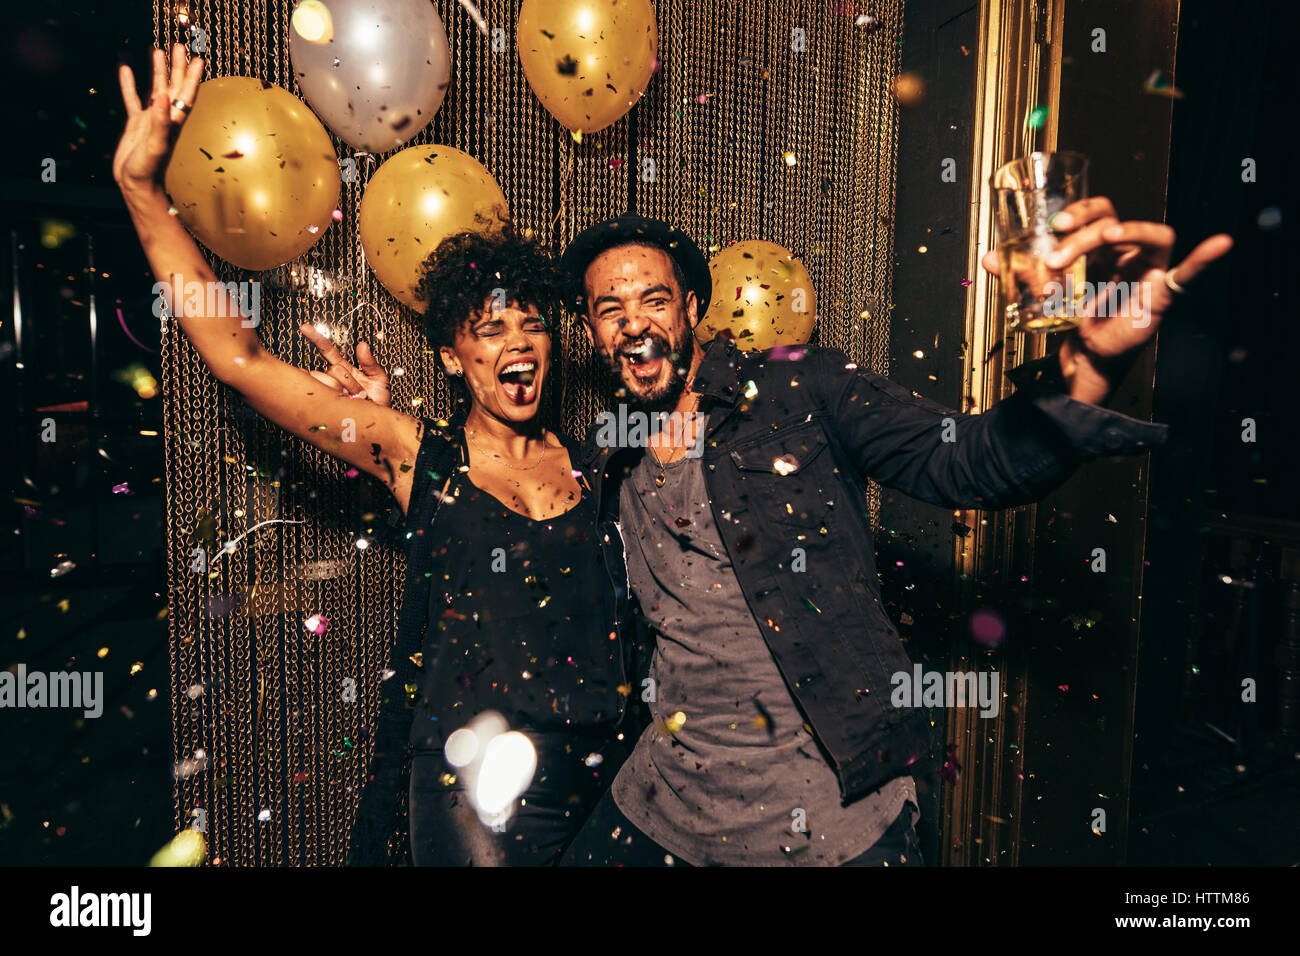 Disparo de una enérgica pareja bailando en la discoteca. Hombre y mujer joven divirtiéndose en el pub Imagen De Stock